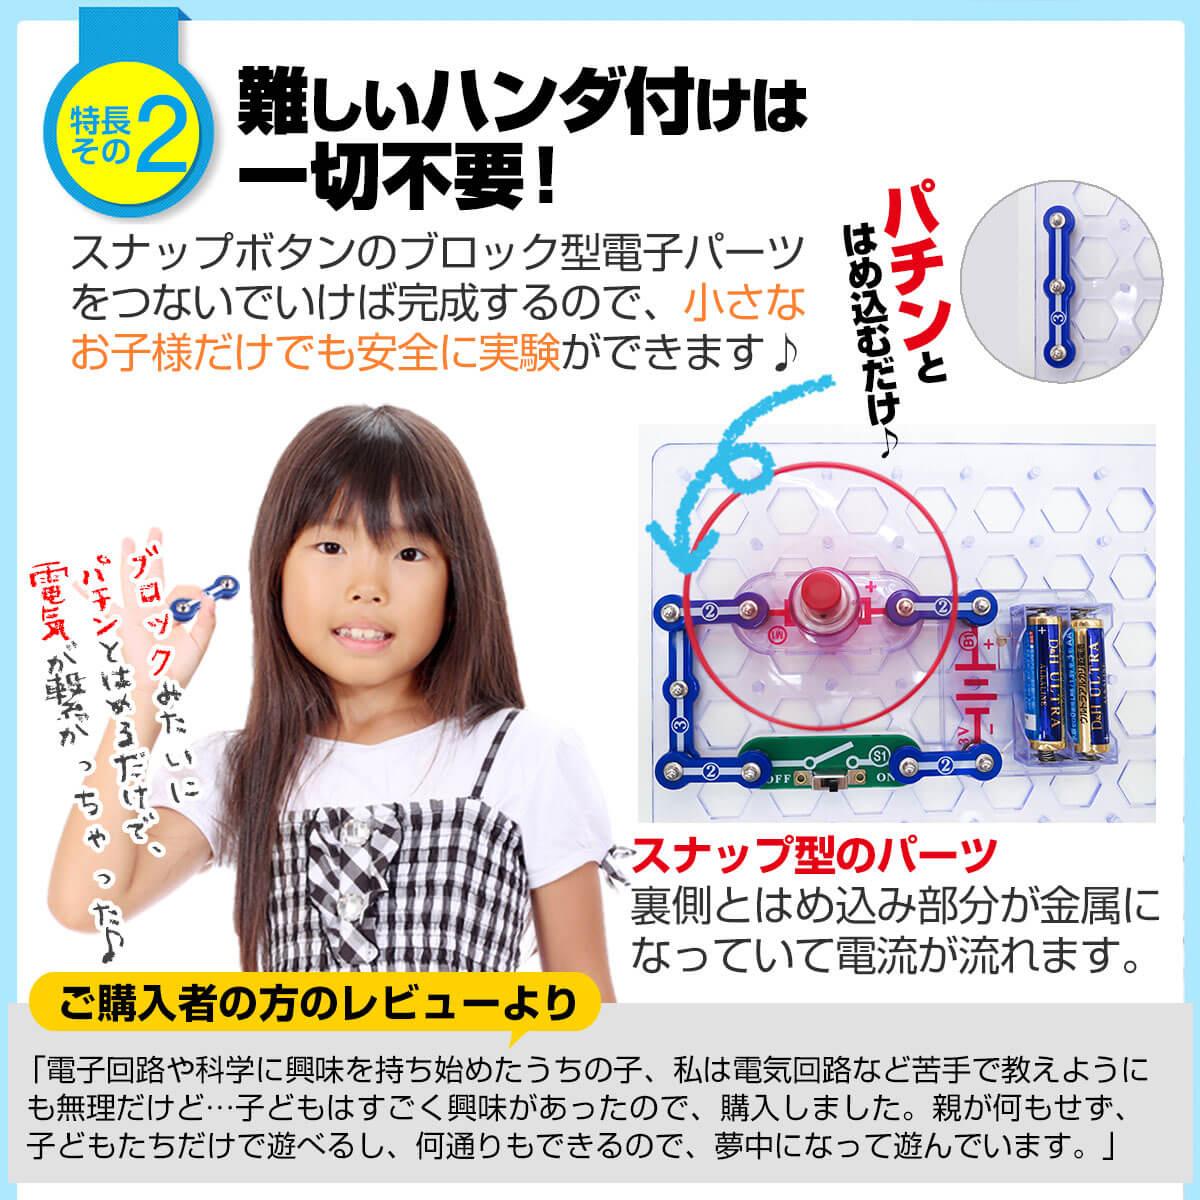 【正規品】 電子回路 子供 おもちゃ 知育玩具 電脳サーキット 500 電子ブロック 電子玩具 科学 回路パズル